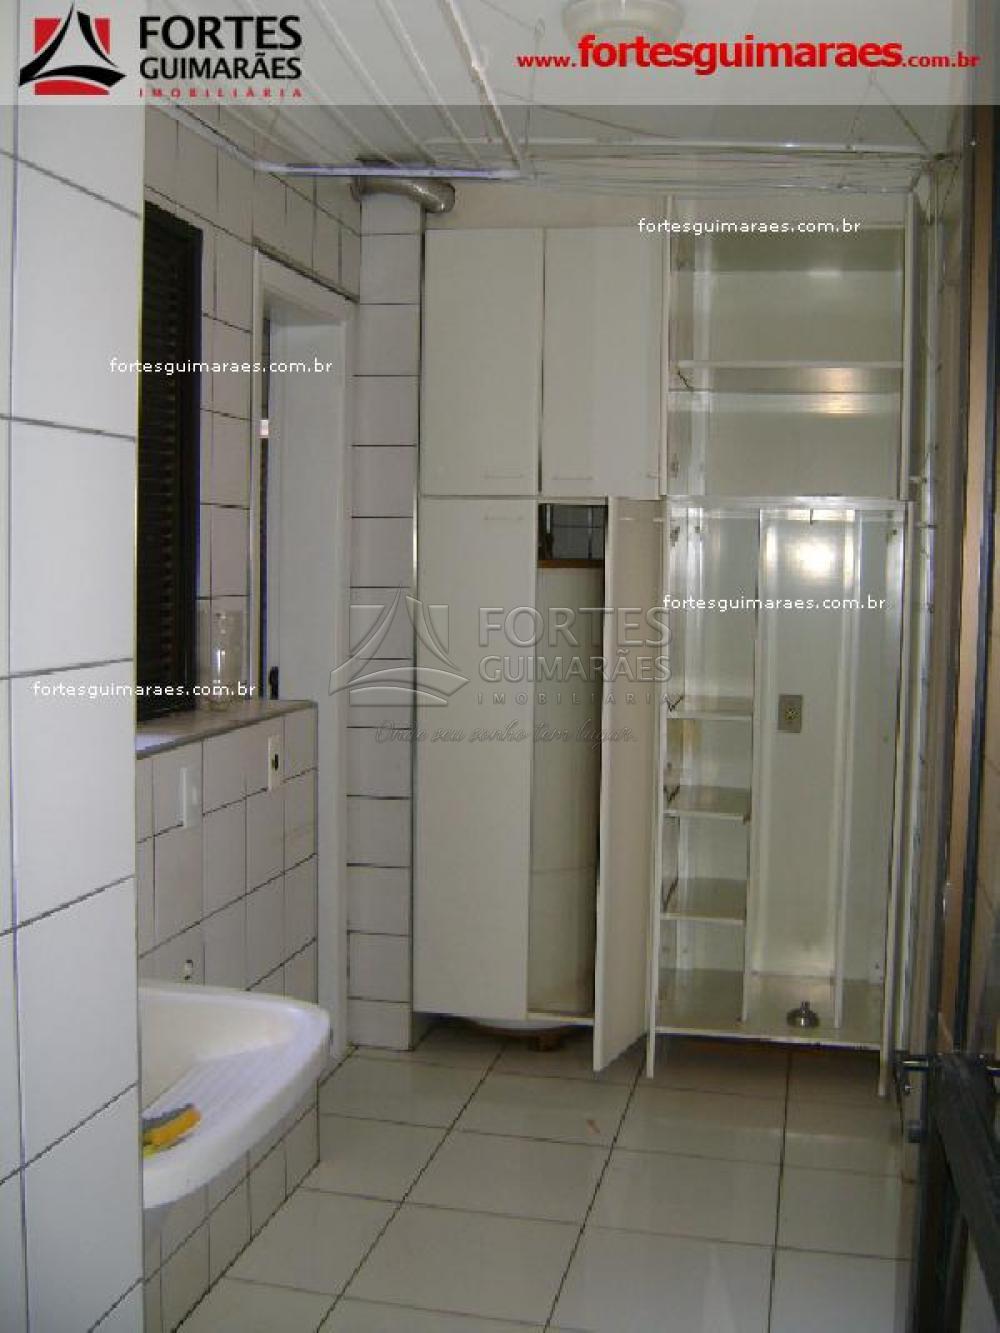 Alugar Apartamentos / Padrão em Ribeirão Preto apenas R$ 1.600,00 - Foto 18